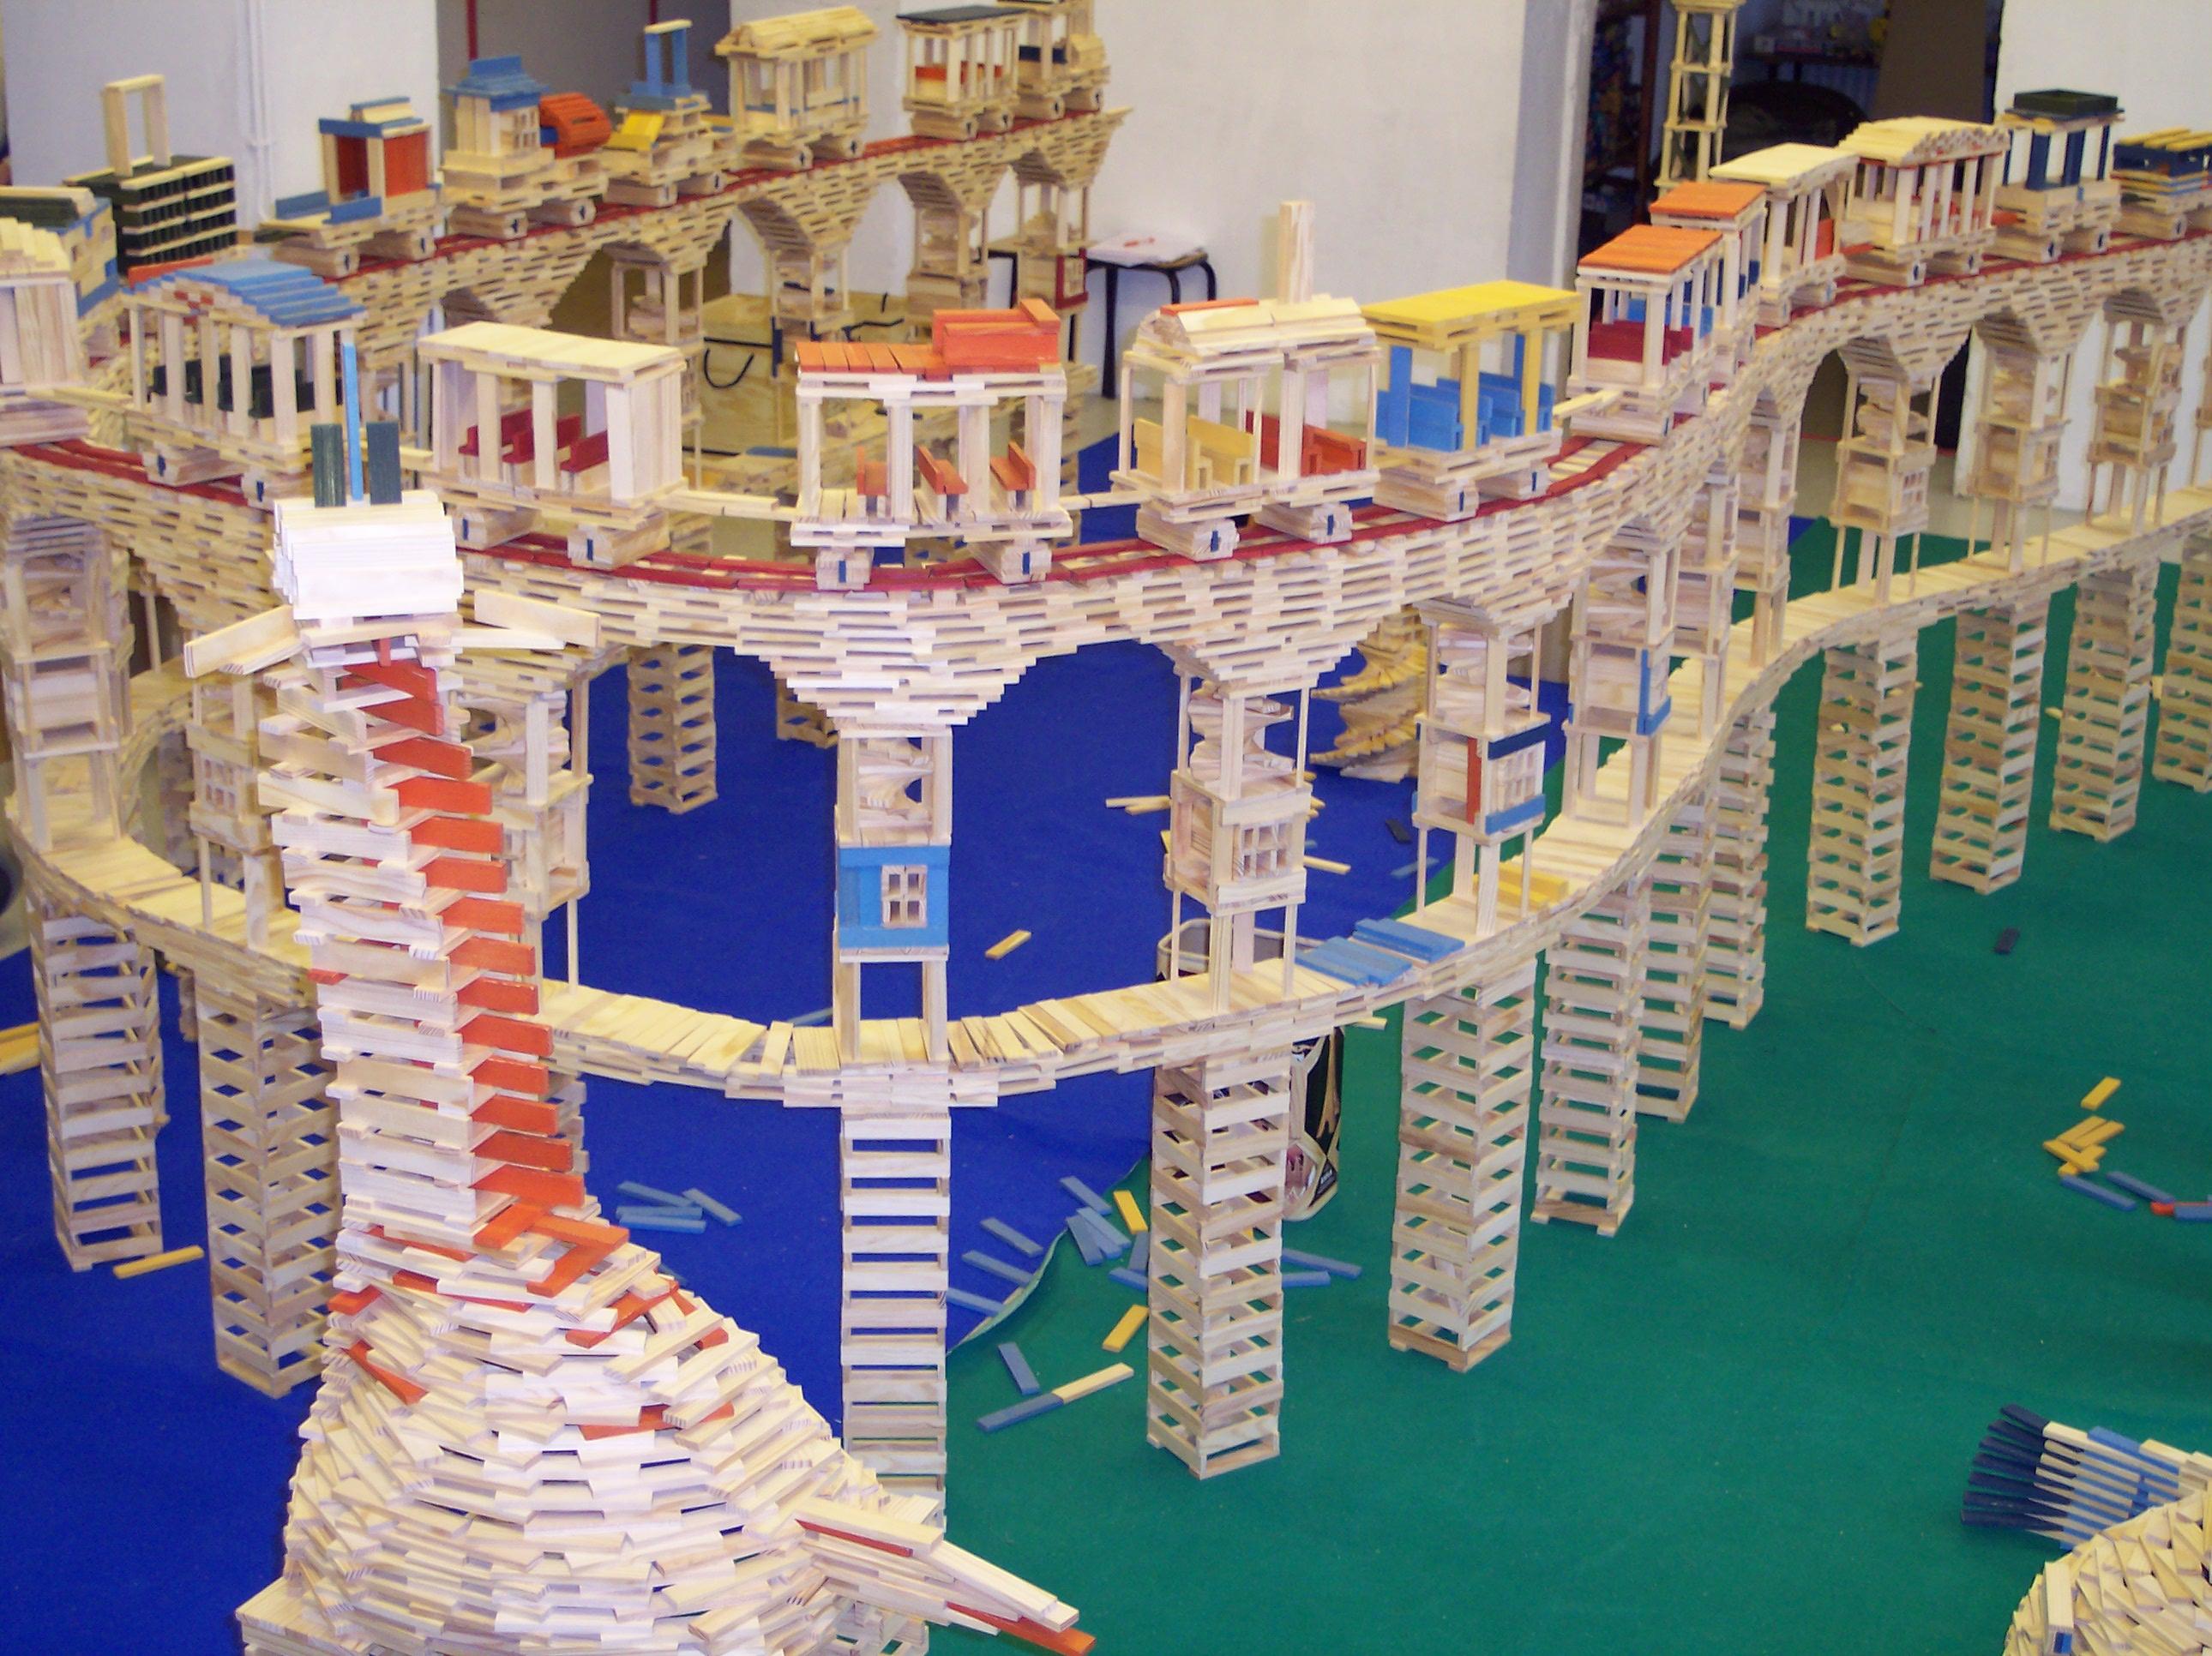 Jeux d assemblage et de construction ludoth que quartier - Jeu de construction de maison virtuel ...